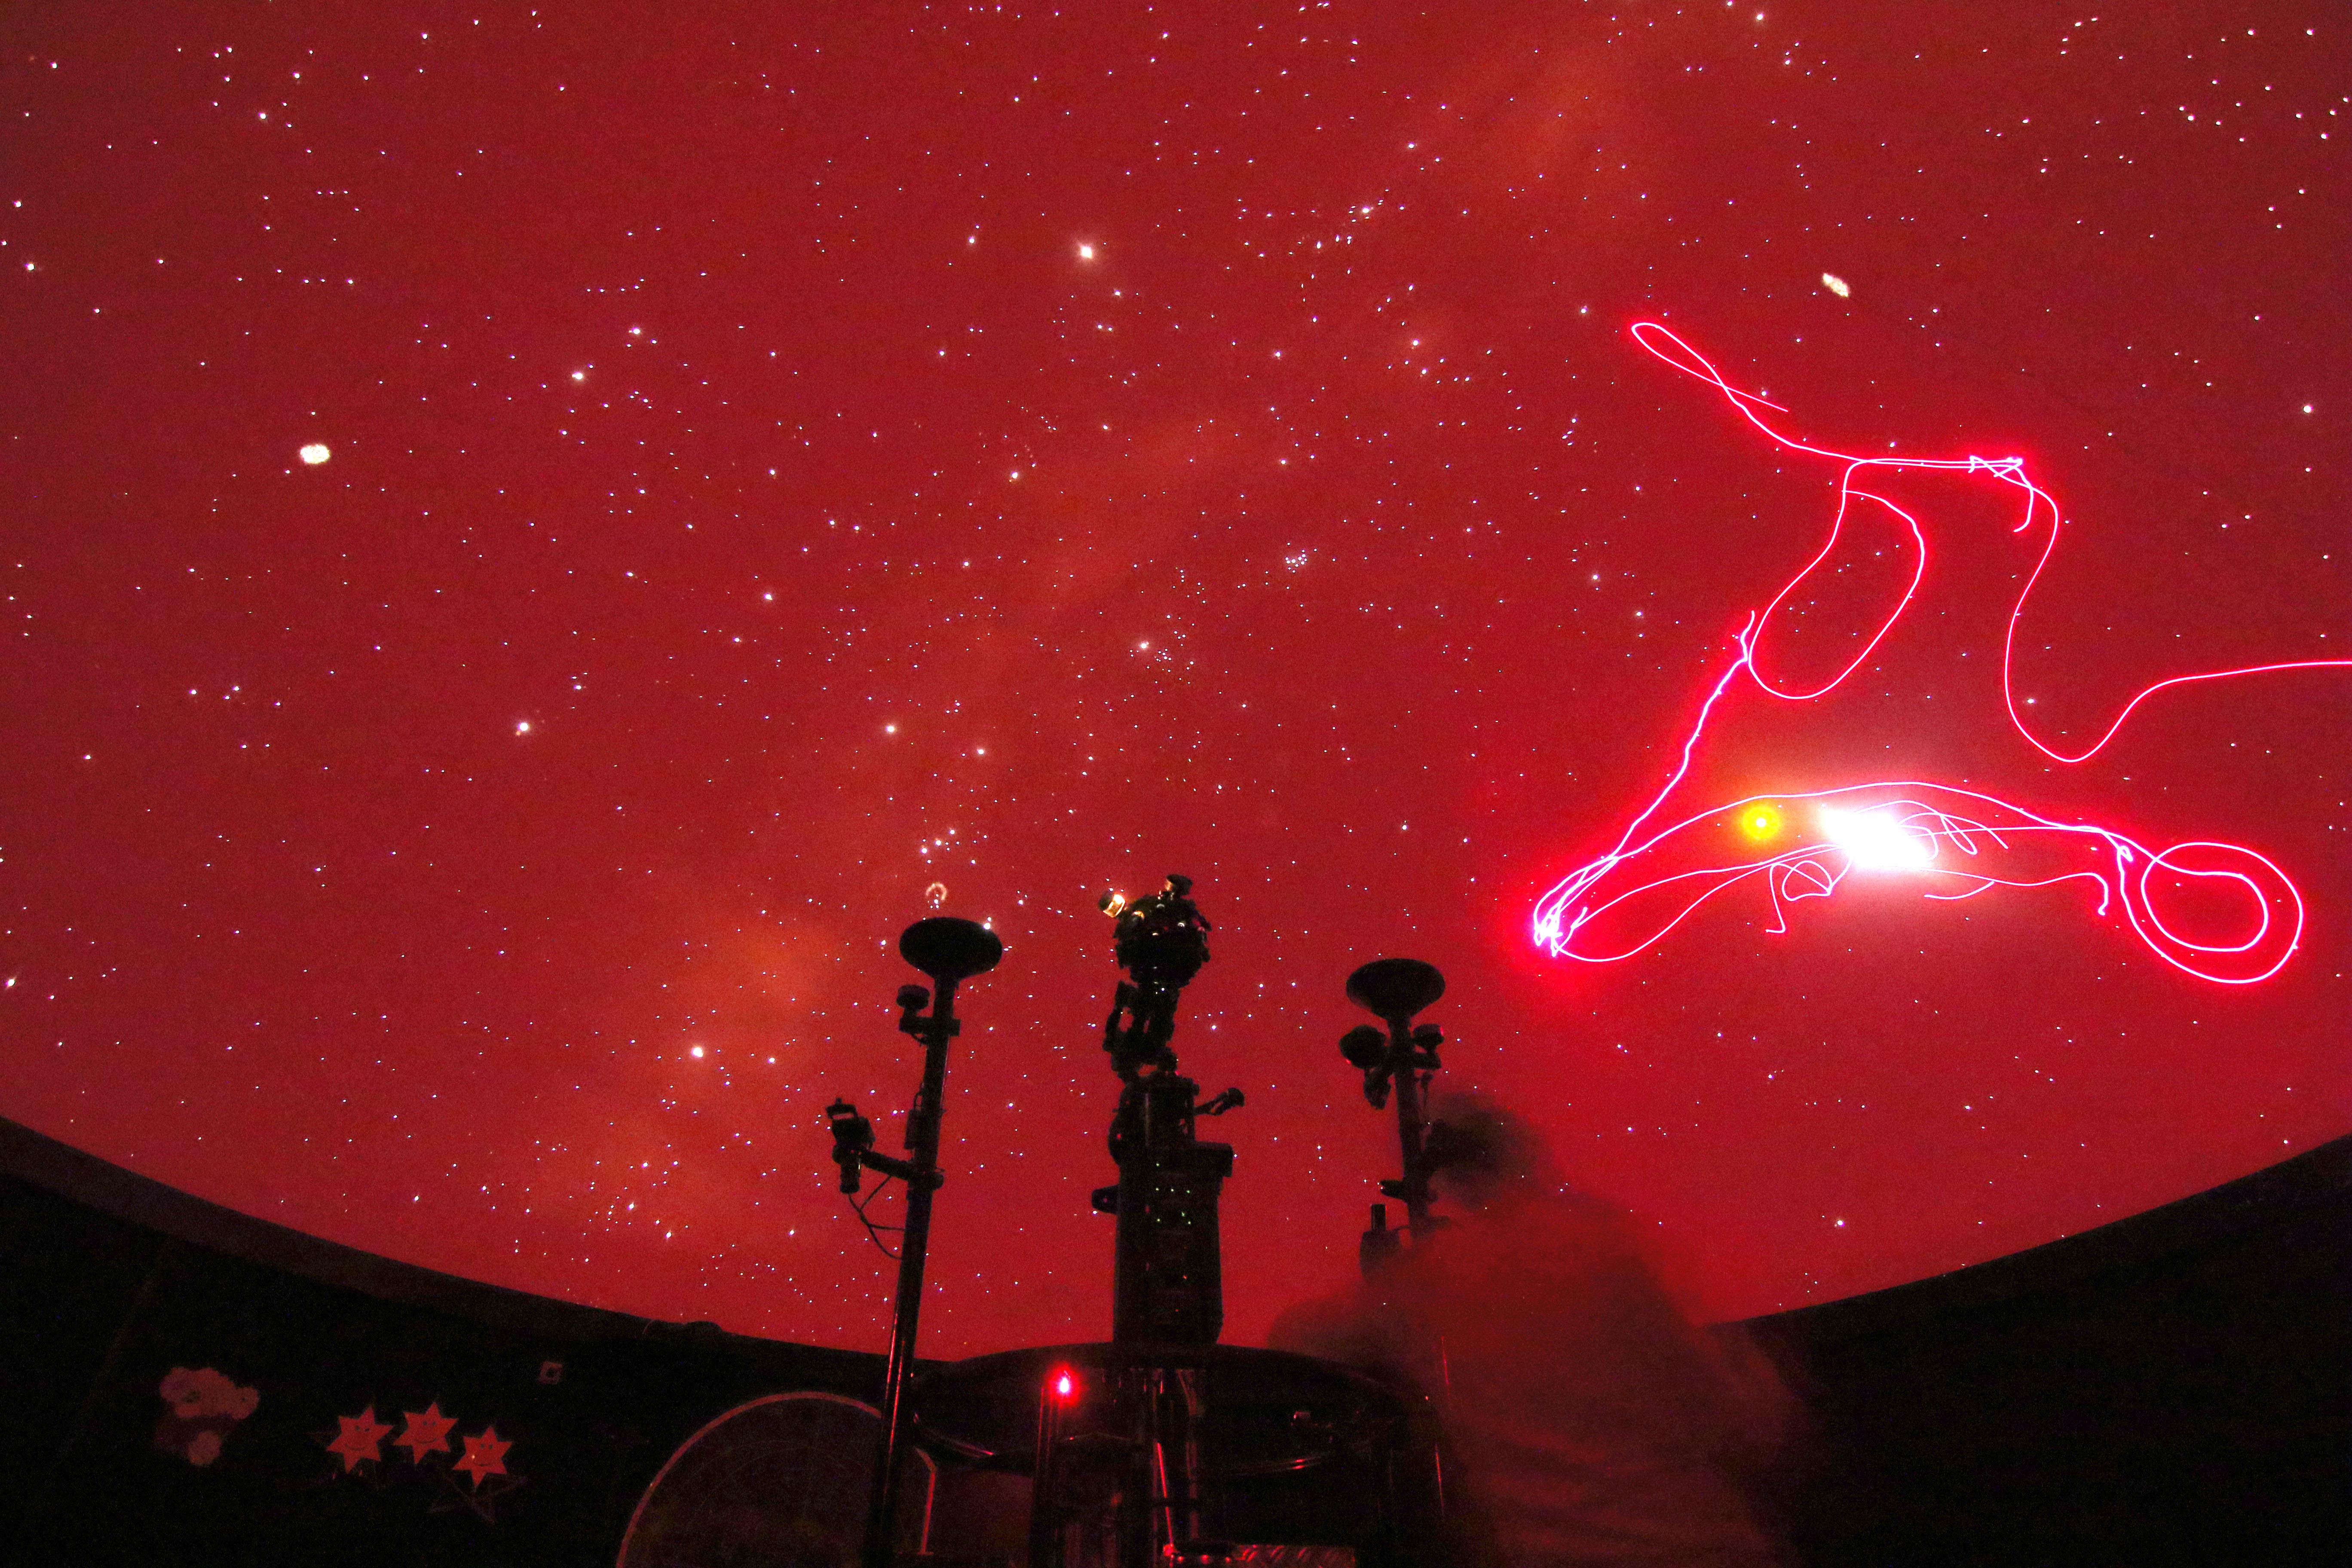 Sternenvorstellung im Harzplanetarium Wernigerode